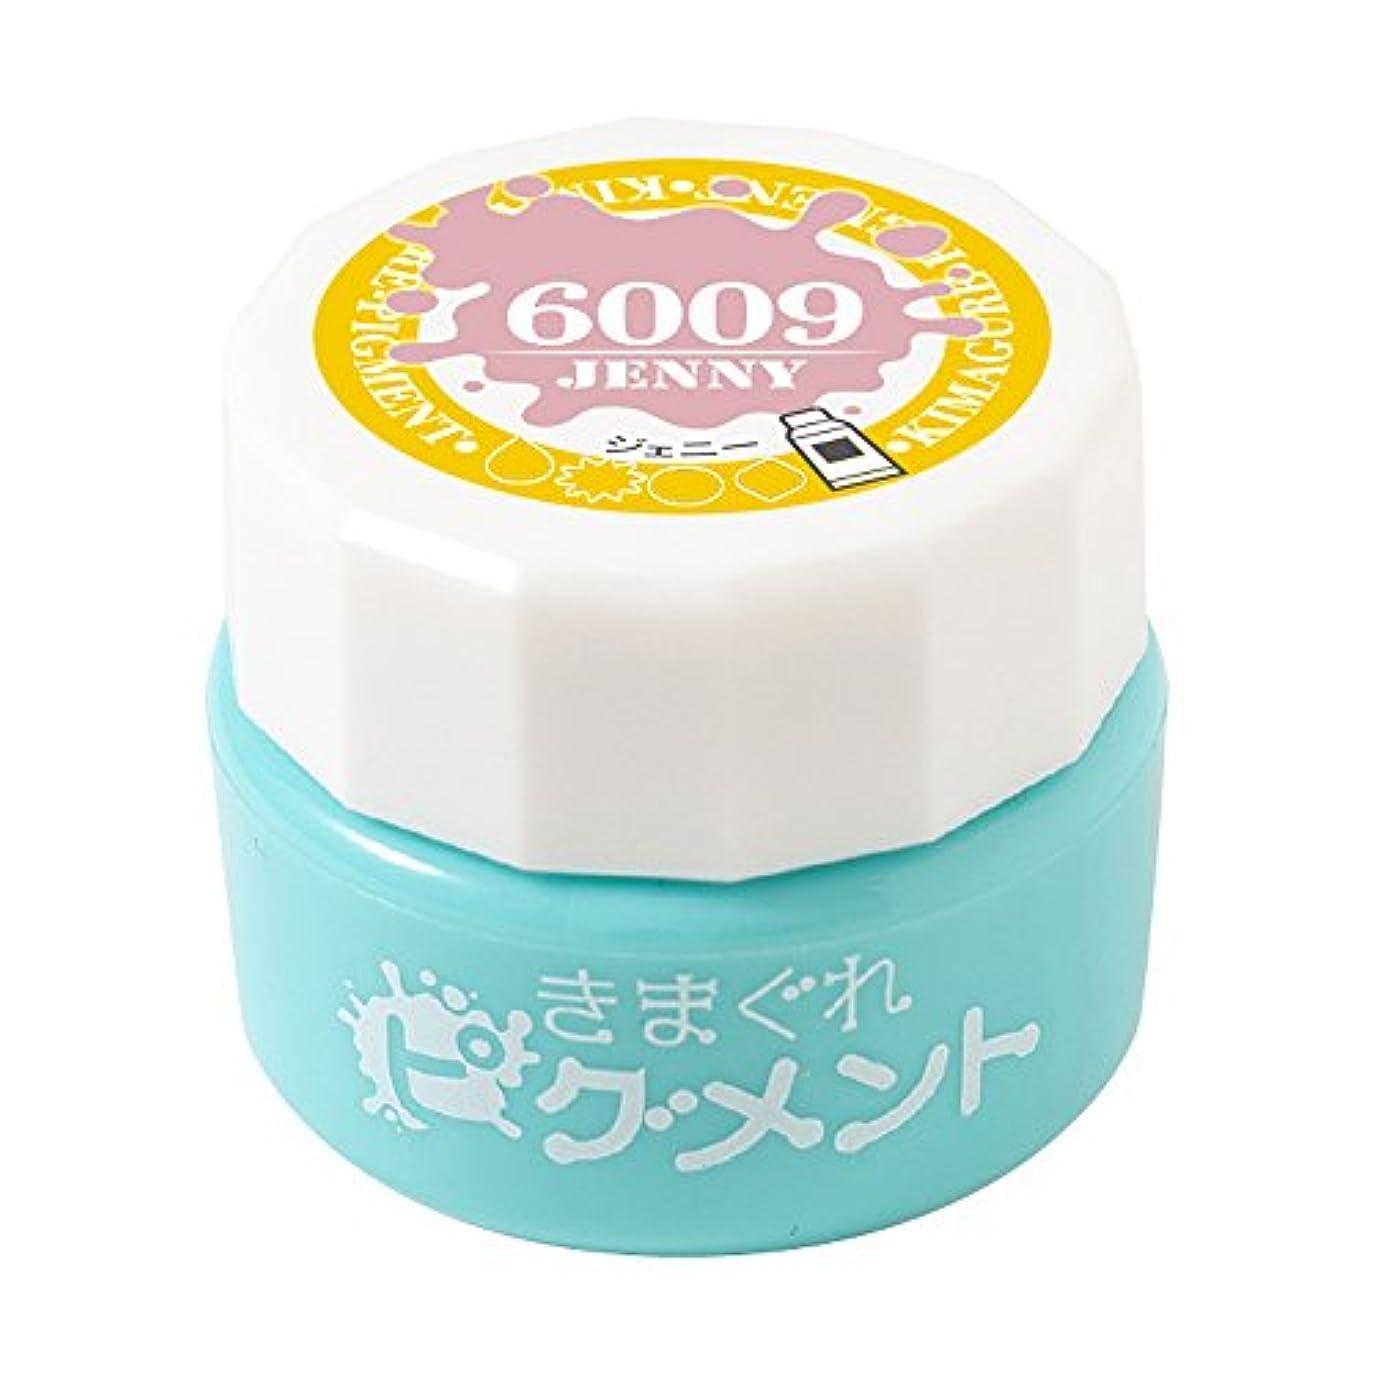 花嫁りんご理由Bettygel きまぐれピグメント ジェニー QYJ-6009 4g UV/LED対応